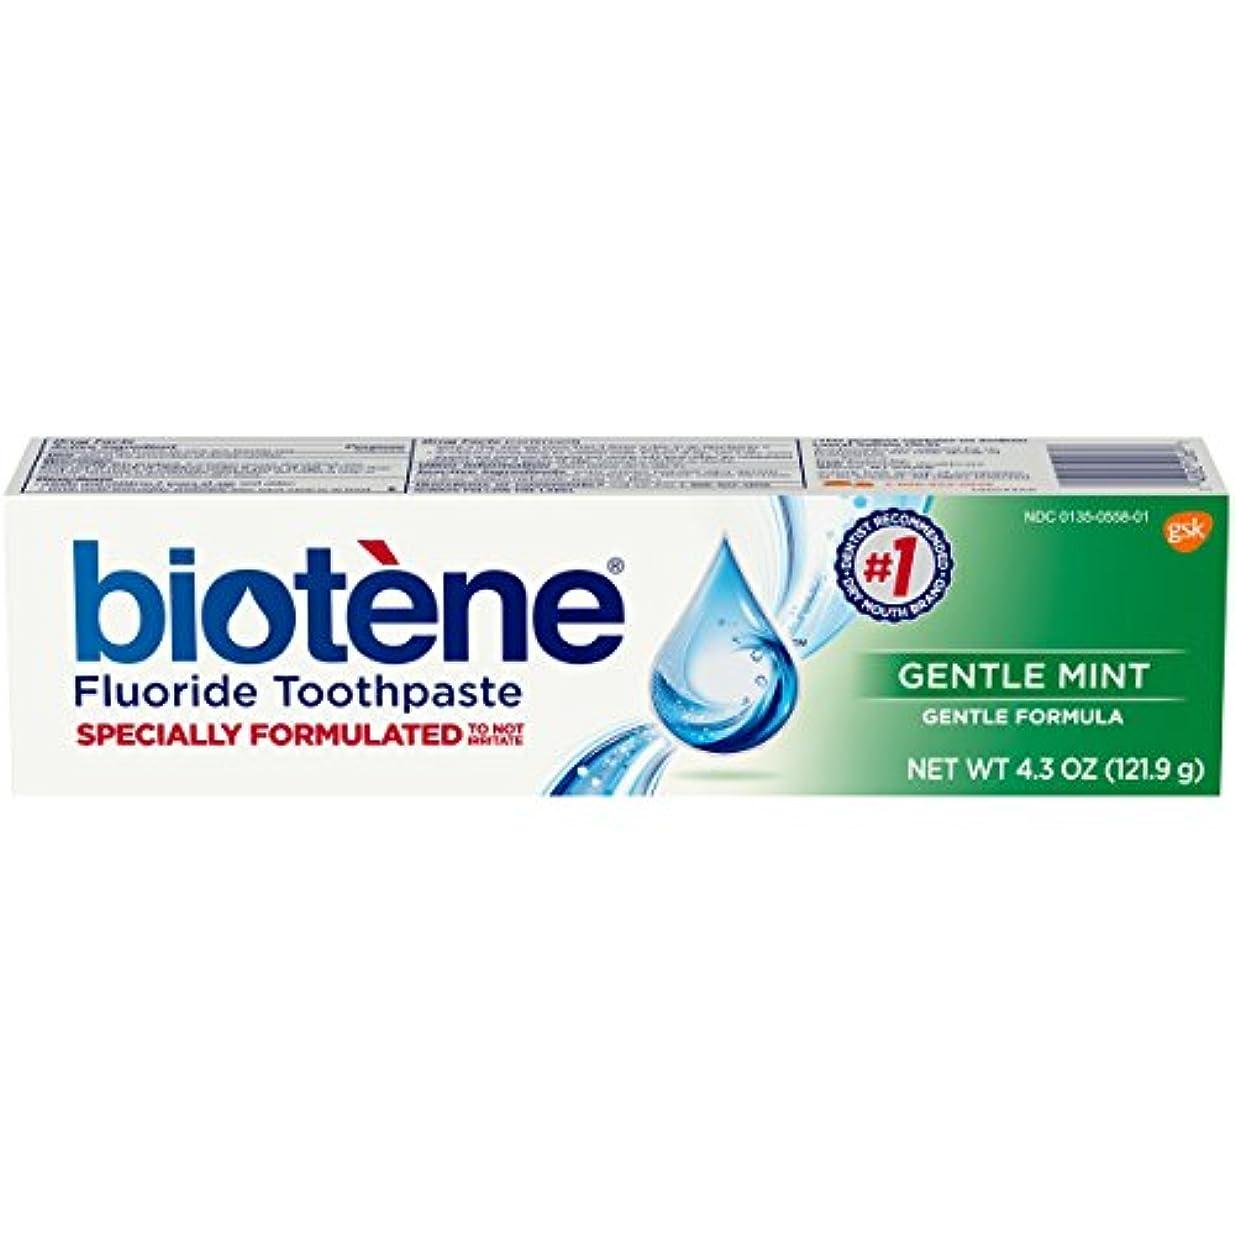 Biotene Toothpaste Gentle Mint Fluoride 4.3 Oz, by Biotene